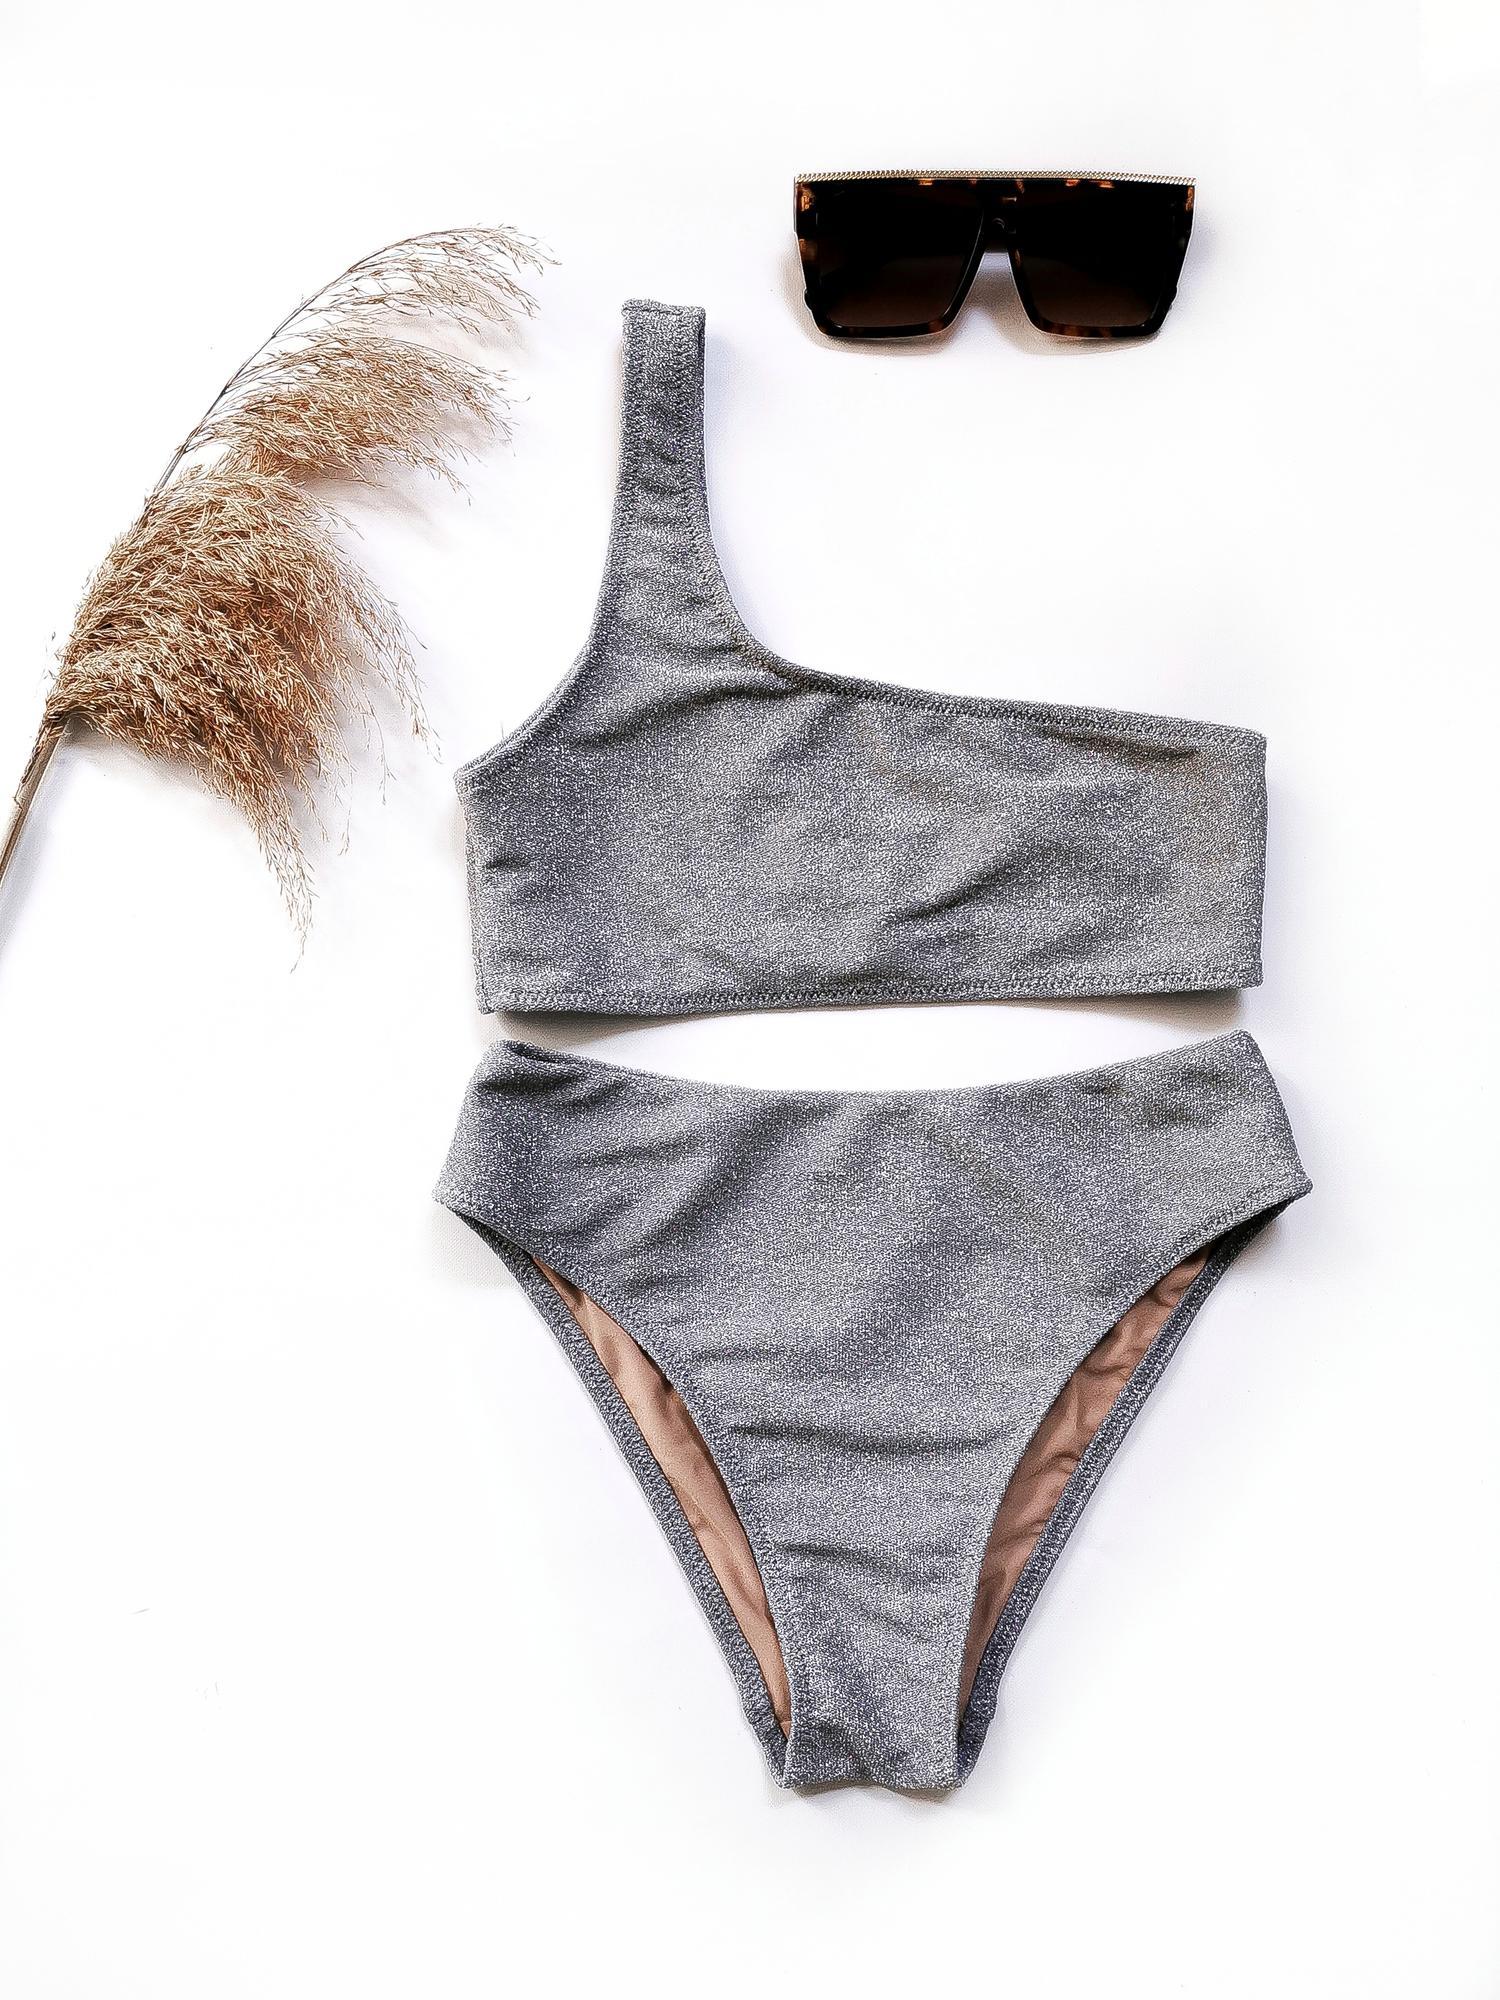 SILVER To kobiece bikini wykonane z materiału z błyszczącej nitki Lurex, który pięknie odbija światło, szczególnie na słońcu. Kostium niezwykle zwraca uwagę i idealnie komponuje się z opalenizną. Góra na jedno ramie, dół z delikatnie podwyższonym stanem. SKŁAD/MAIN FABRIC 56% poliester/polyamide 35% lurex 9% spandex PODSZEWKA/LINING 90% poliester/polyamide 10 % elastan/elastane Produkt szyty ręcznie w Polsce z najwyższych jakościowo materiałów.